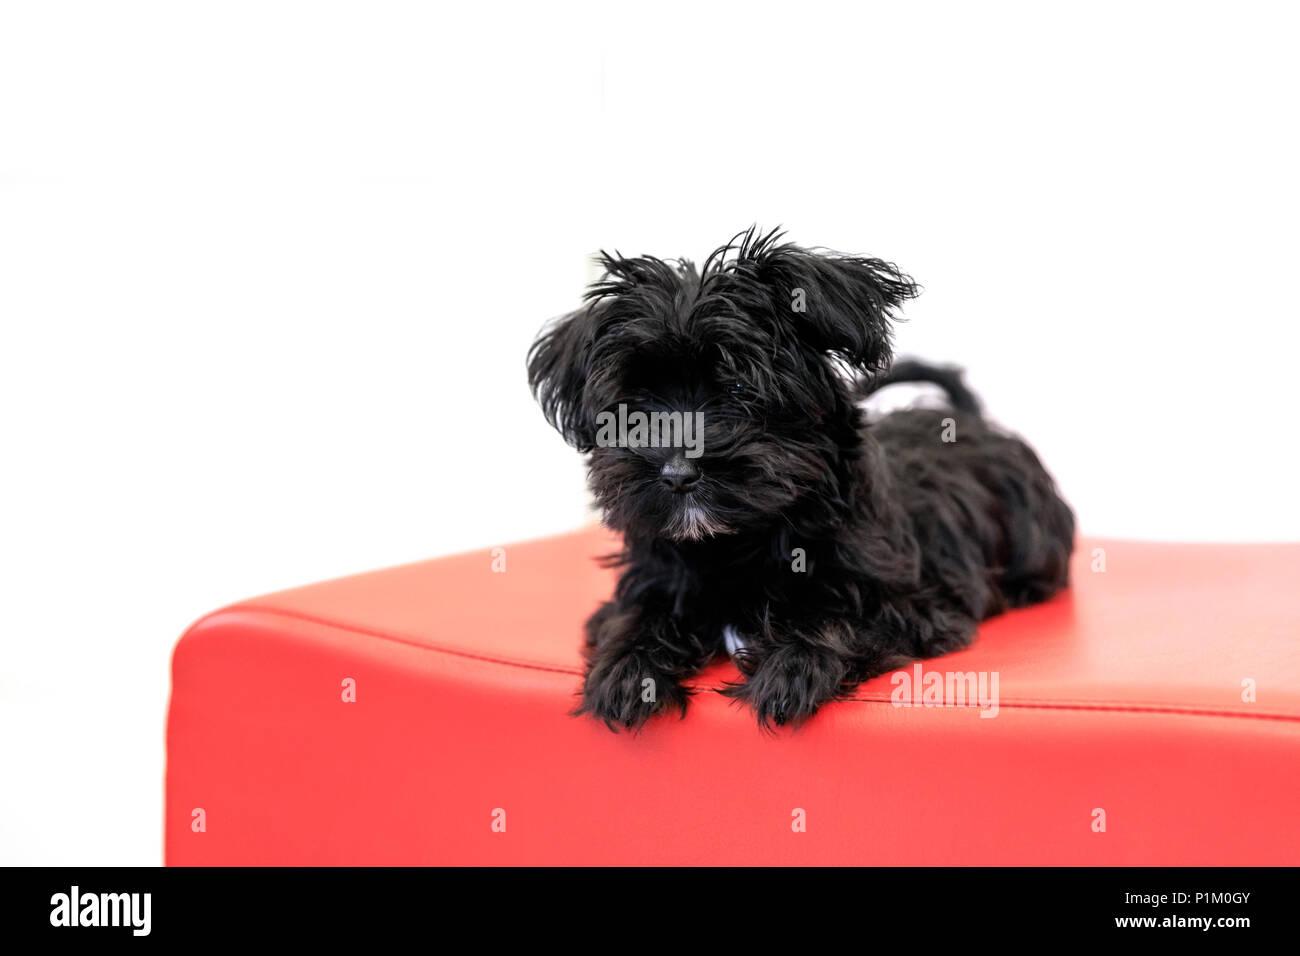 Divano Rosso E Nero : Yorktese nero cucciolo di cane wakeful sul divano rosso e pronto